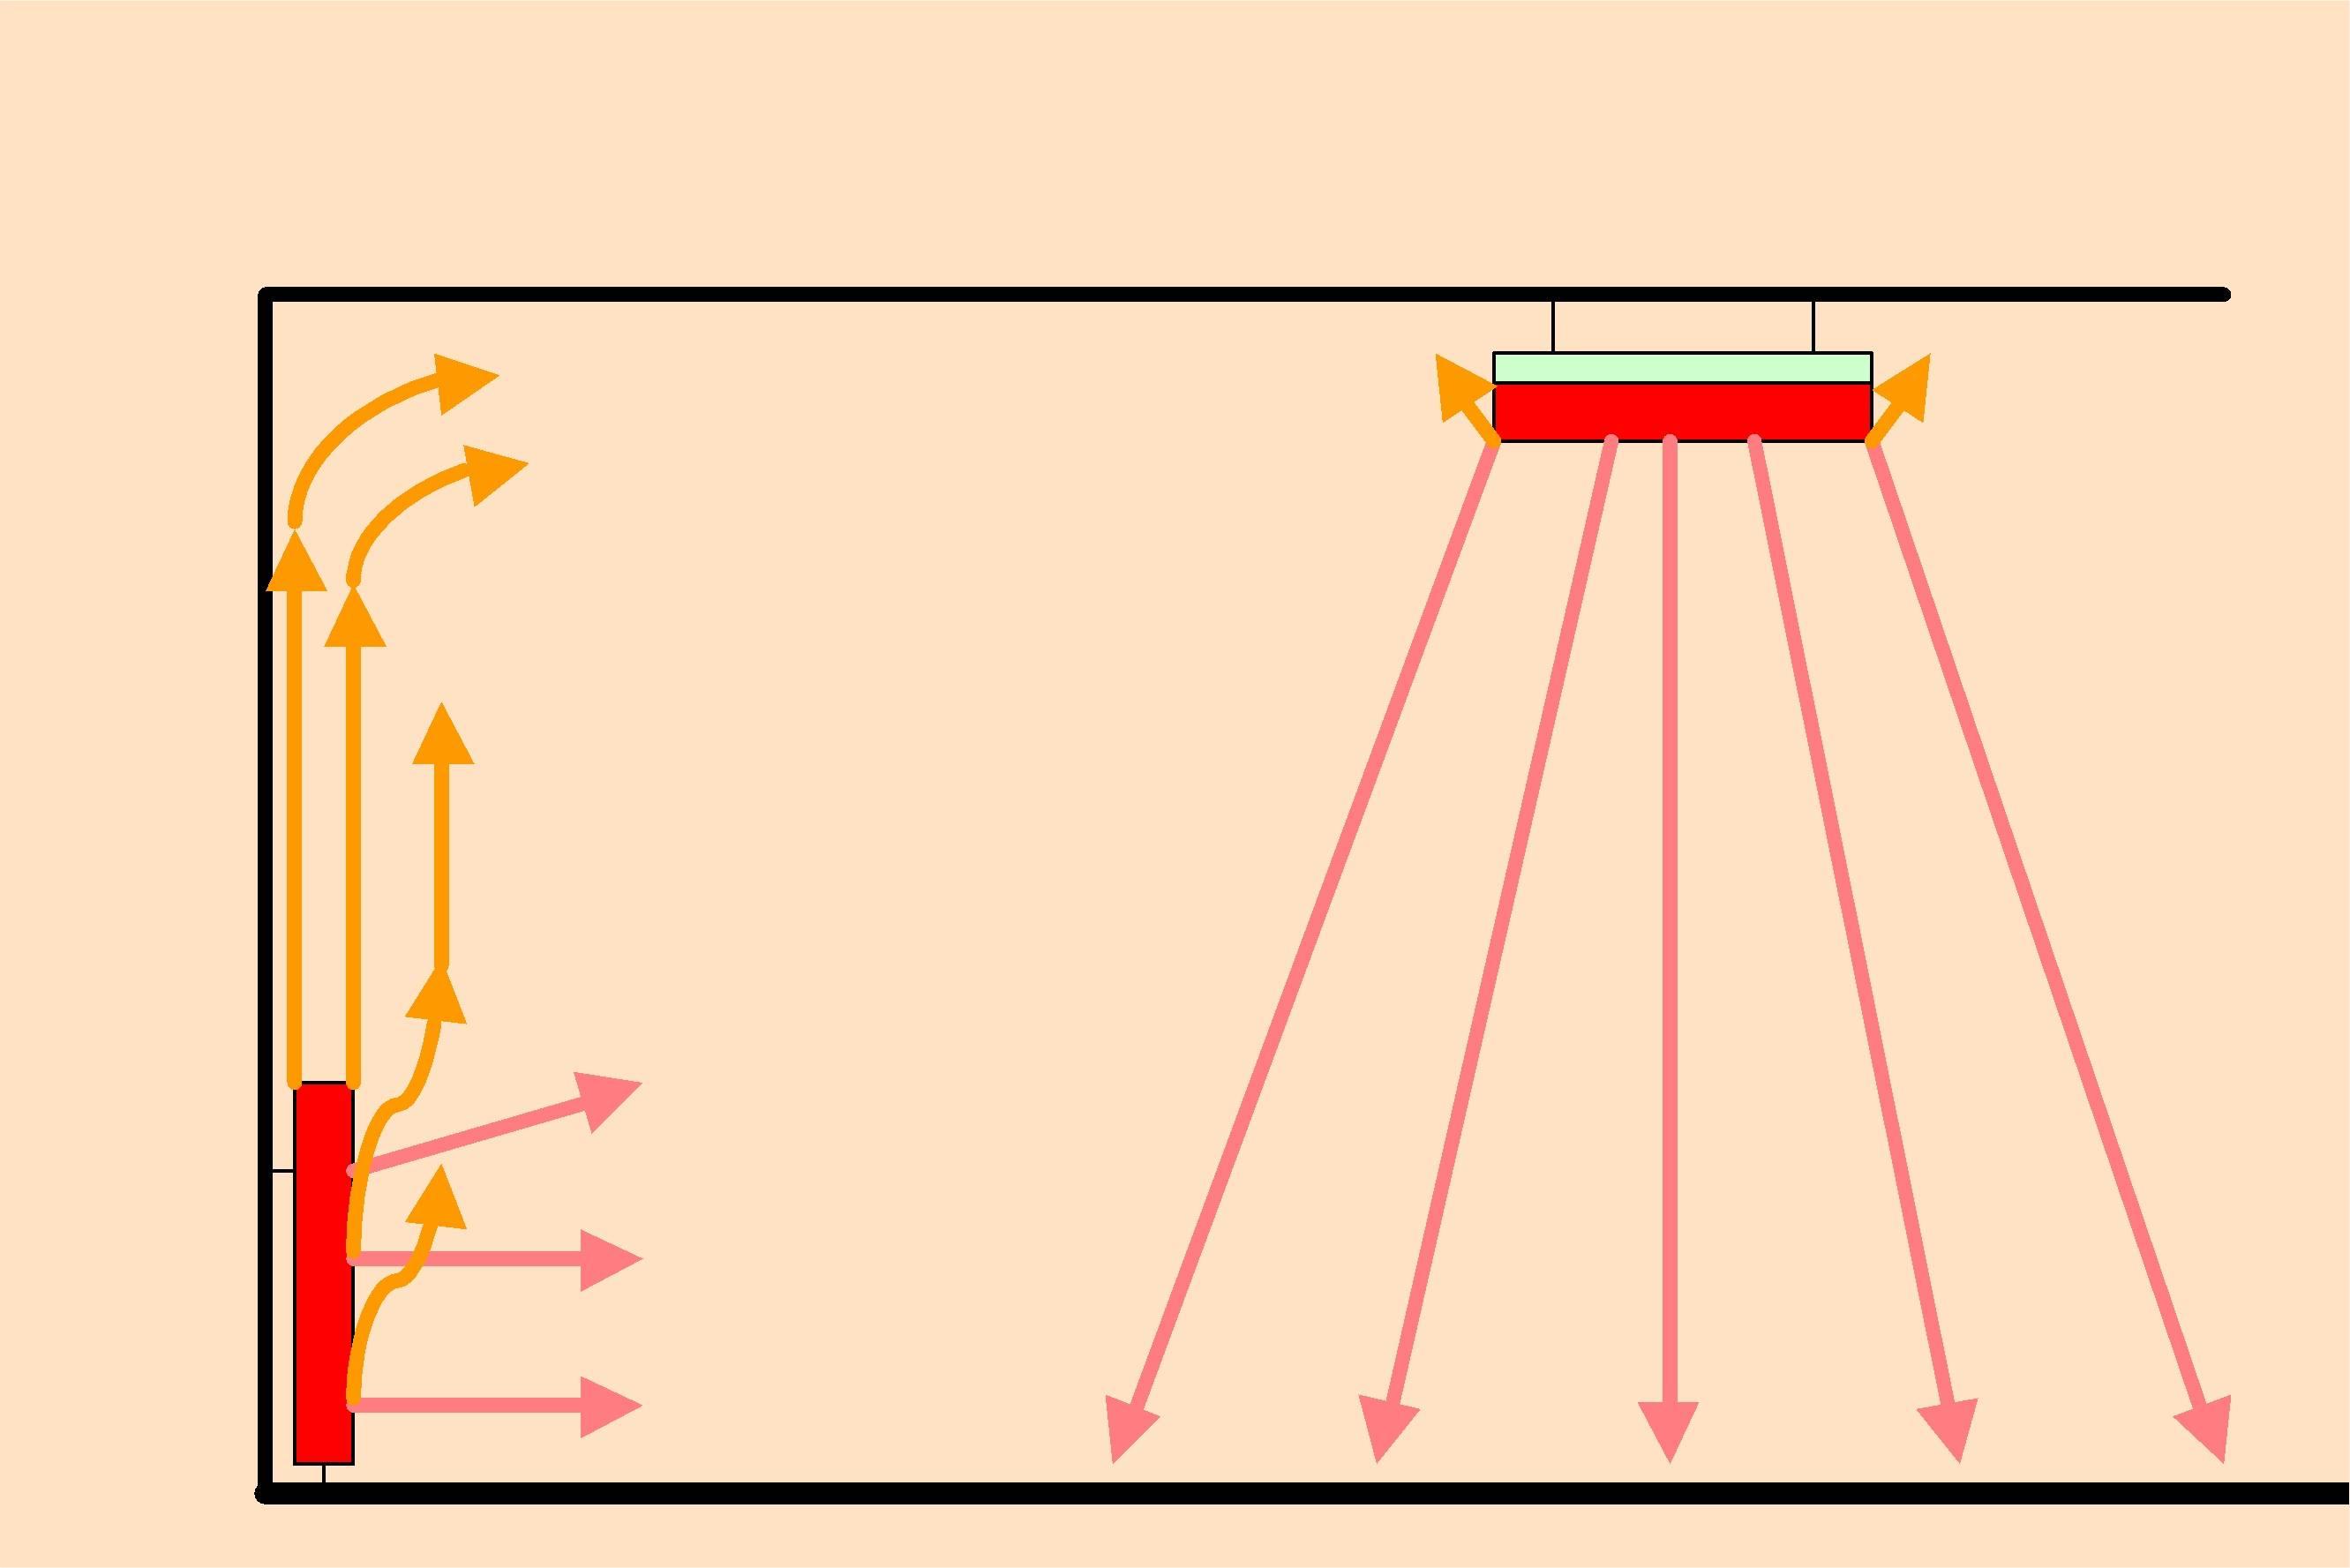 Недостатки и преимущества инфракрасного обогревателя: всё до мельчайших деталей